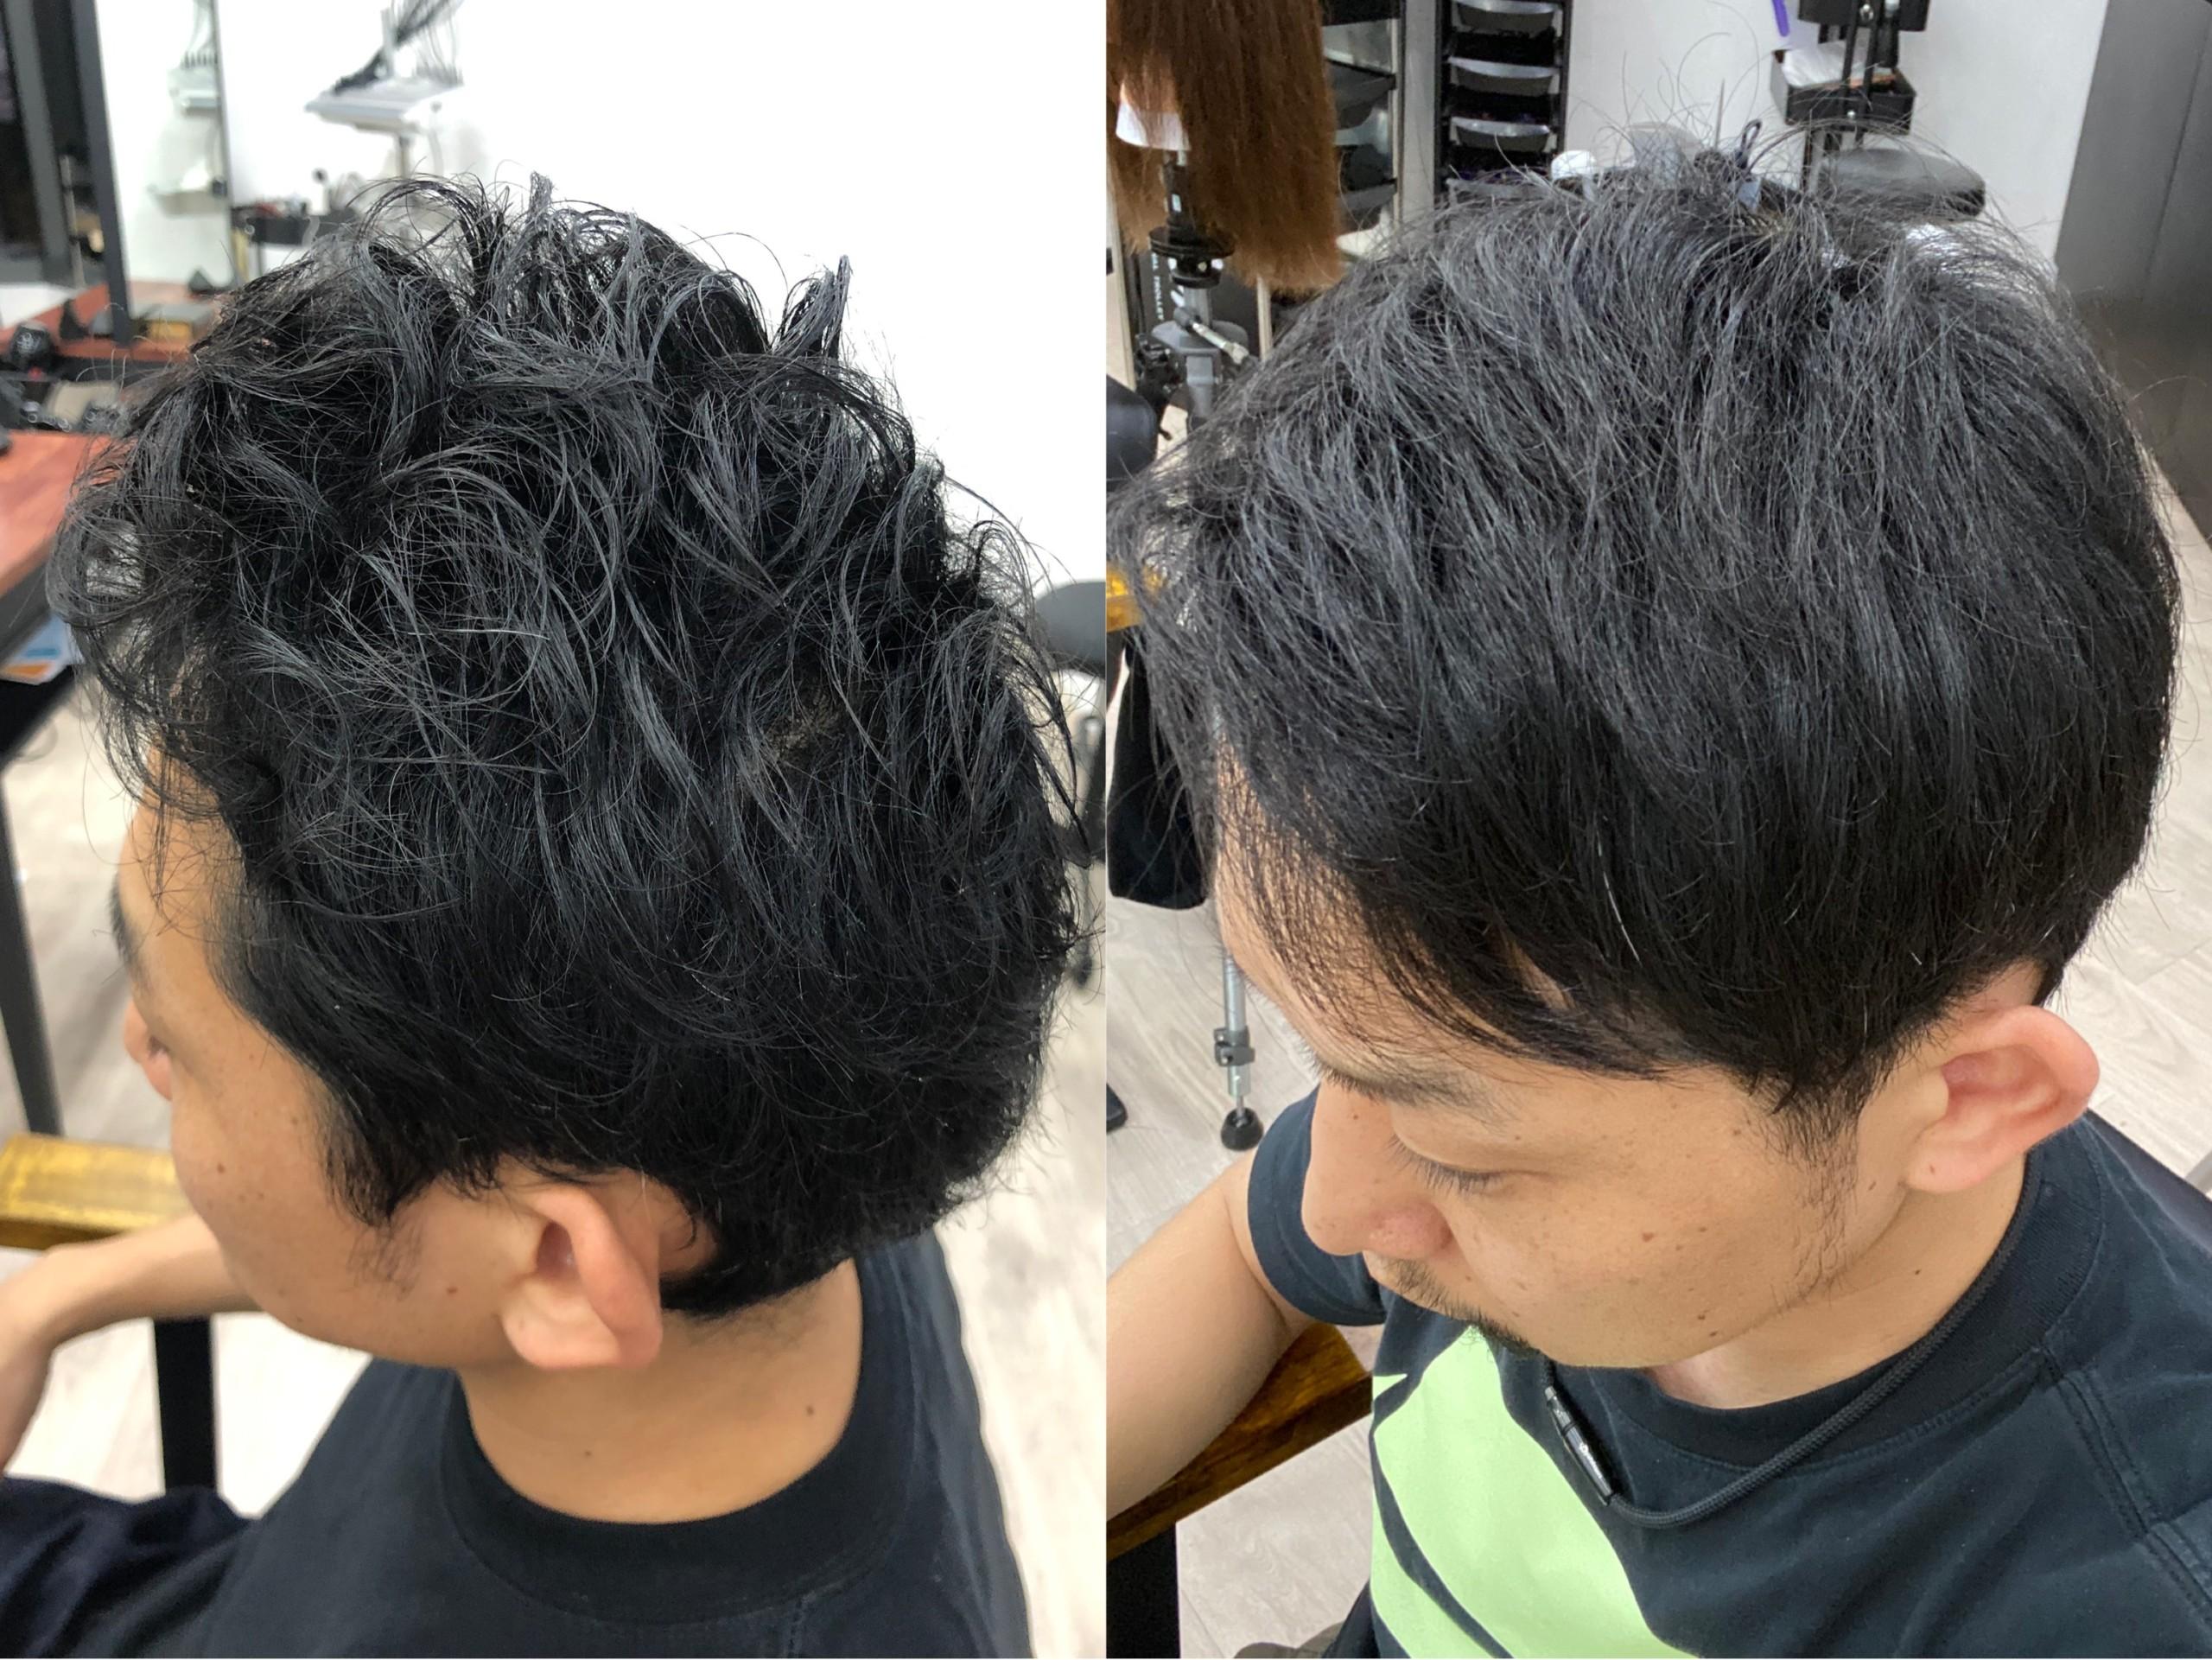 【検証】話題の髪質改善縮毛矯正を自分にやってみた! in HK